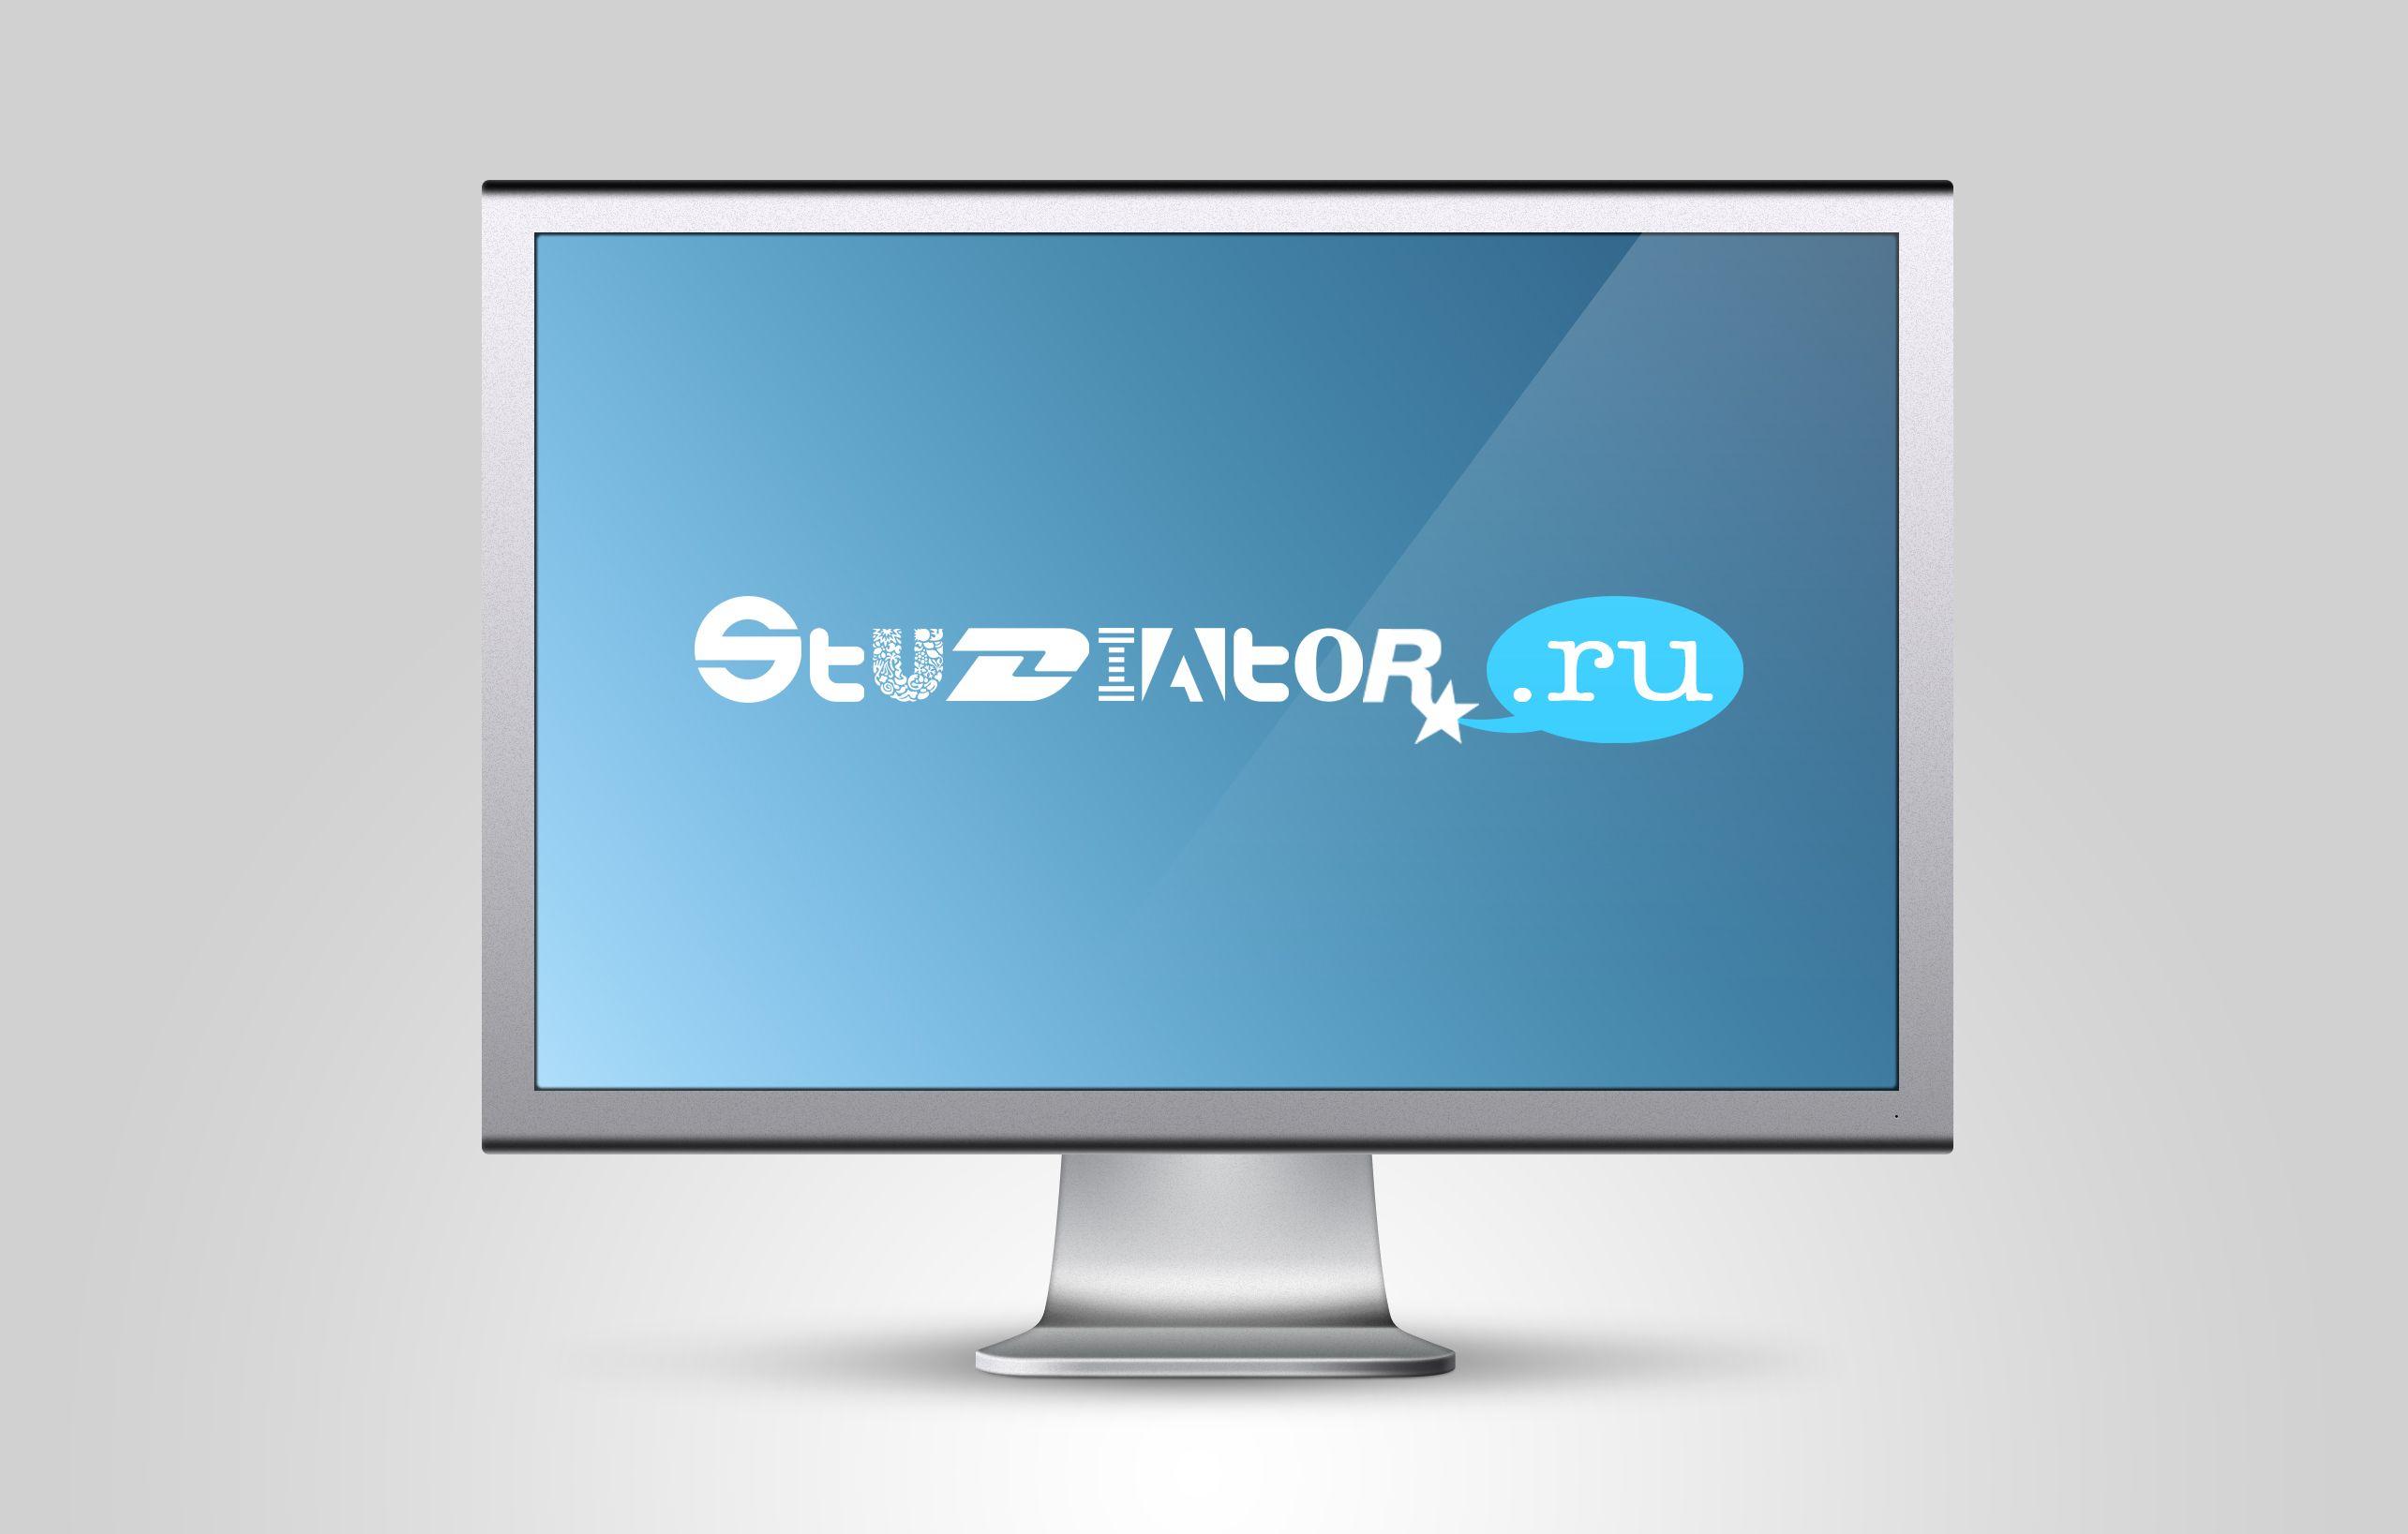 Логотип для каталога студий Веб-дизайна - дизайнер Wou1ter